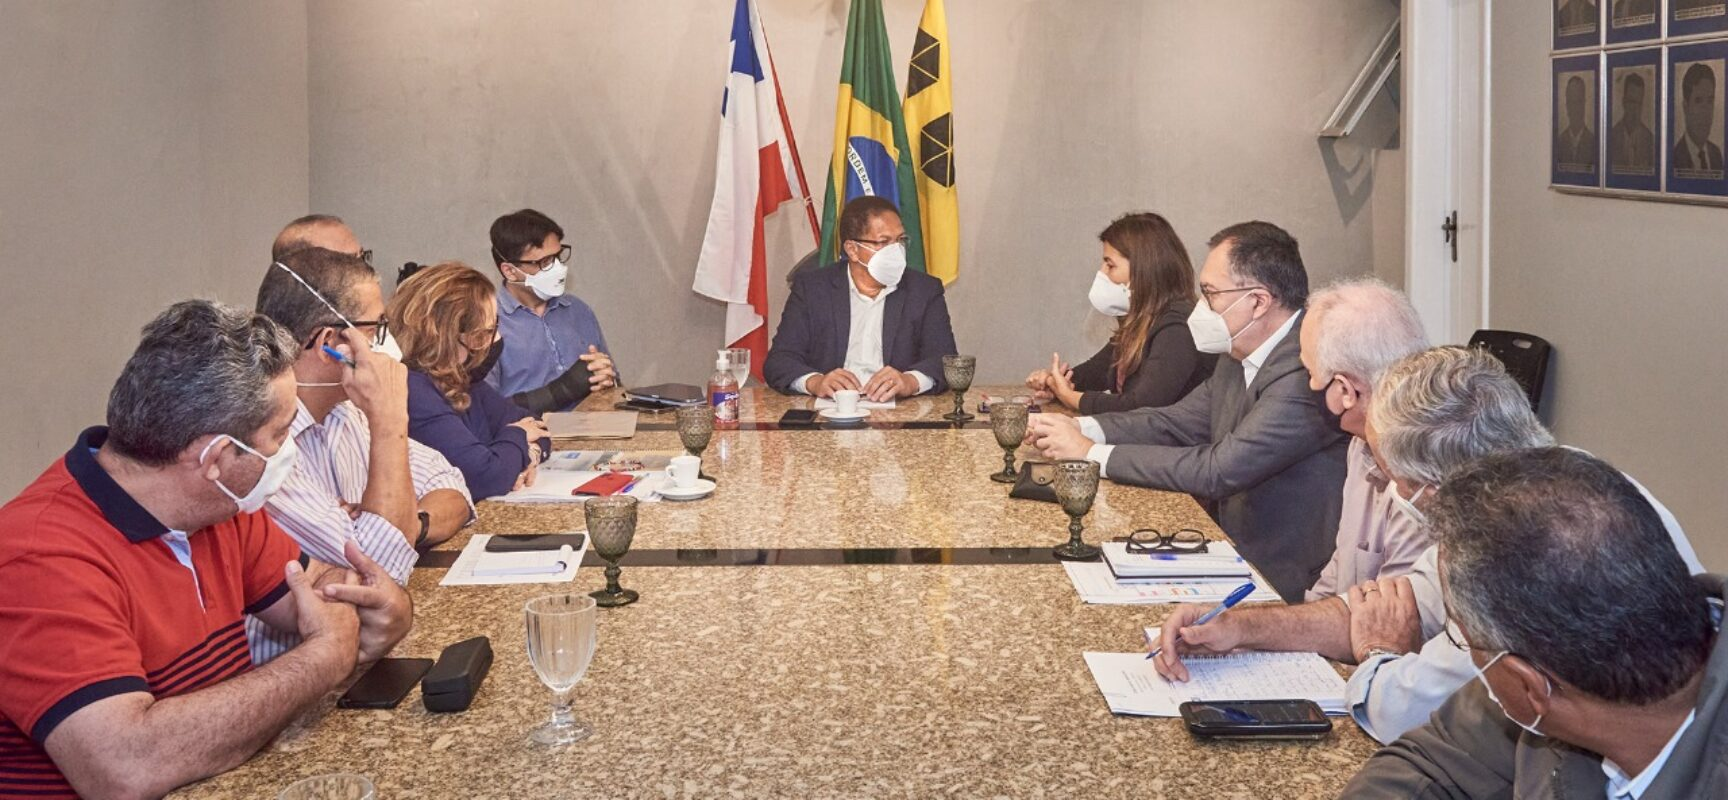 Itabuna implantará Centro de Inovação e Tecnologia com apoio do Governo do Estado